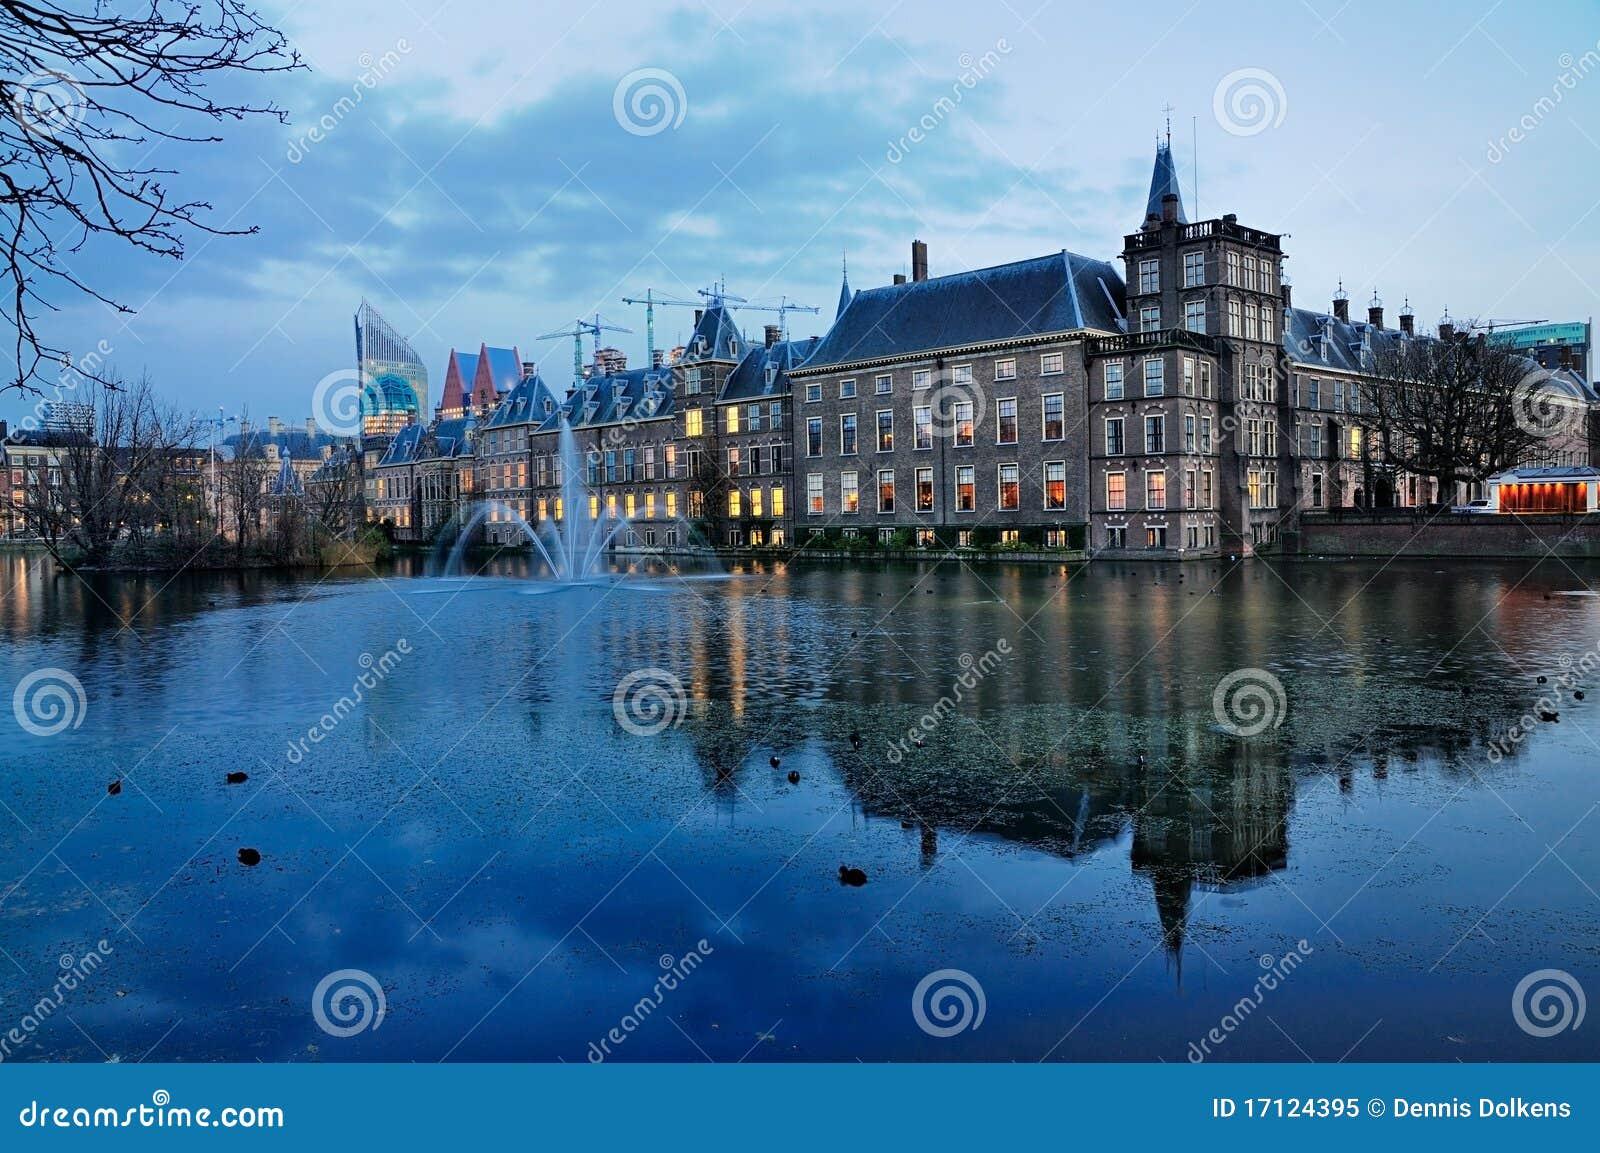 Huis van het parlement den haag stock afbeelding afbeelding 17124395 - Huis van het wereldkantoor newport ...